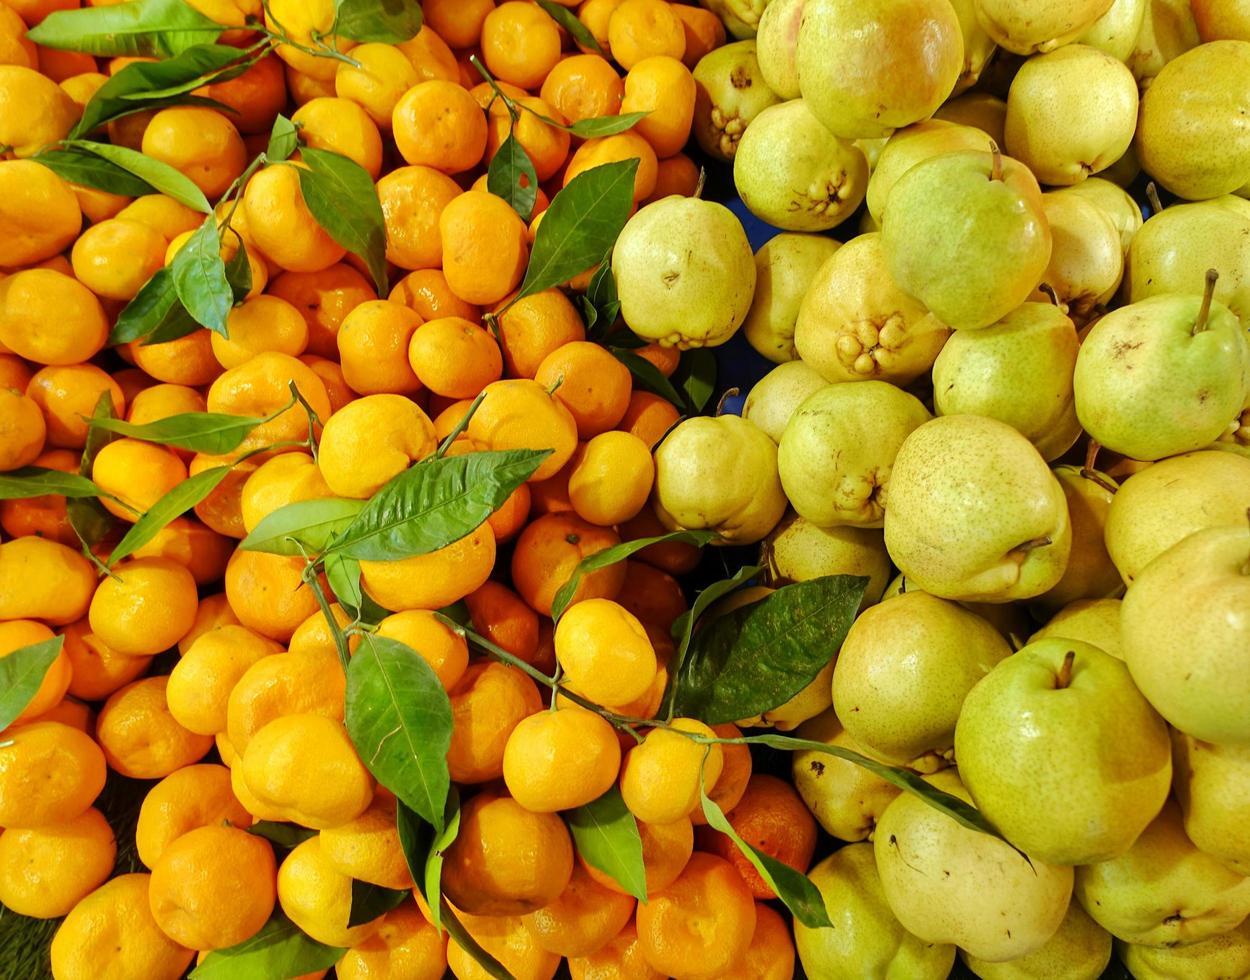 mandarine et poire de fruits frais juteux photo